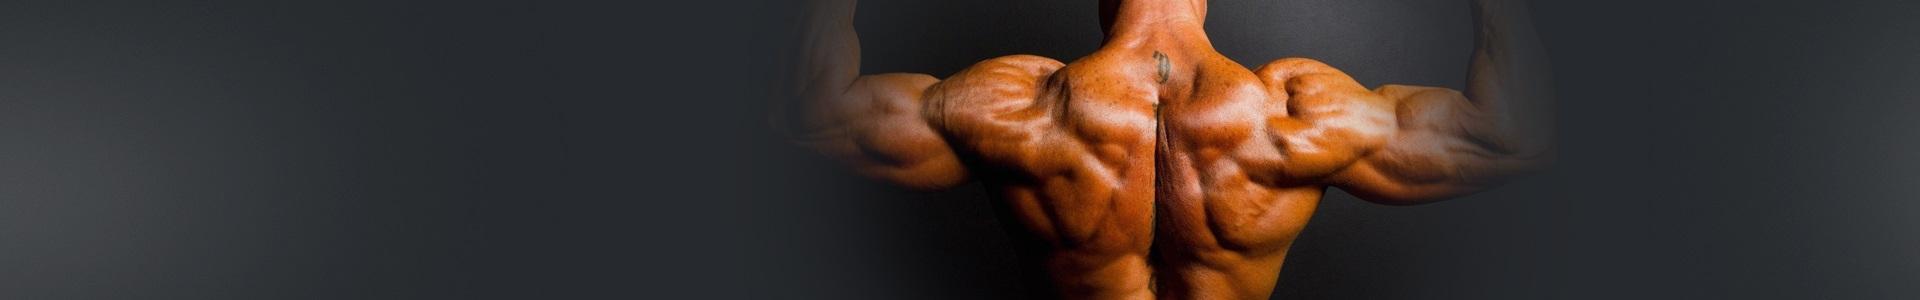 哑铃背部肌肉强化训练-中级(2练/周)